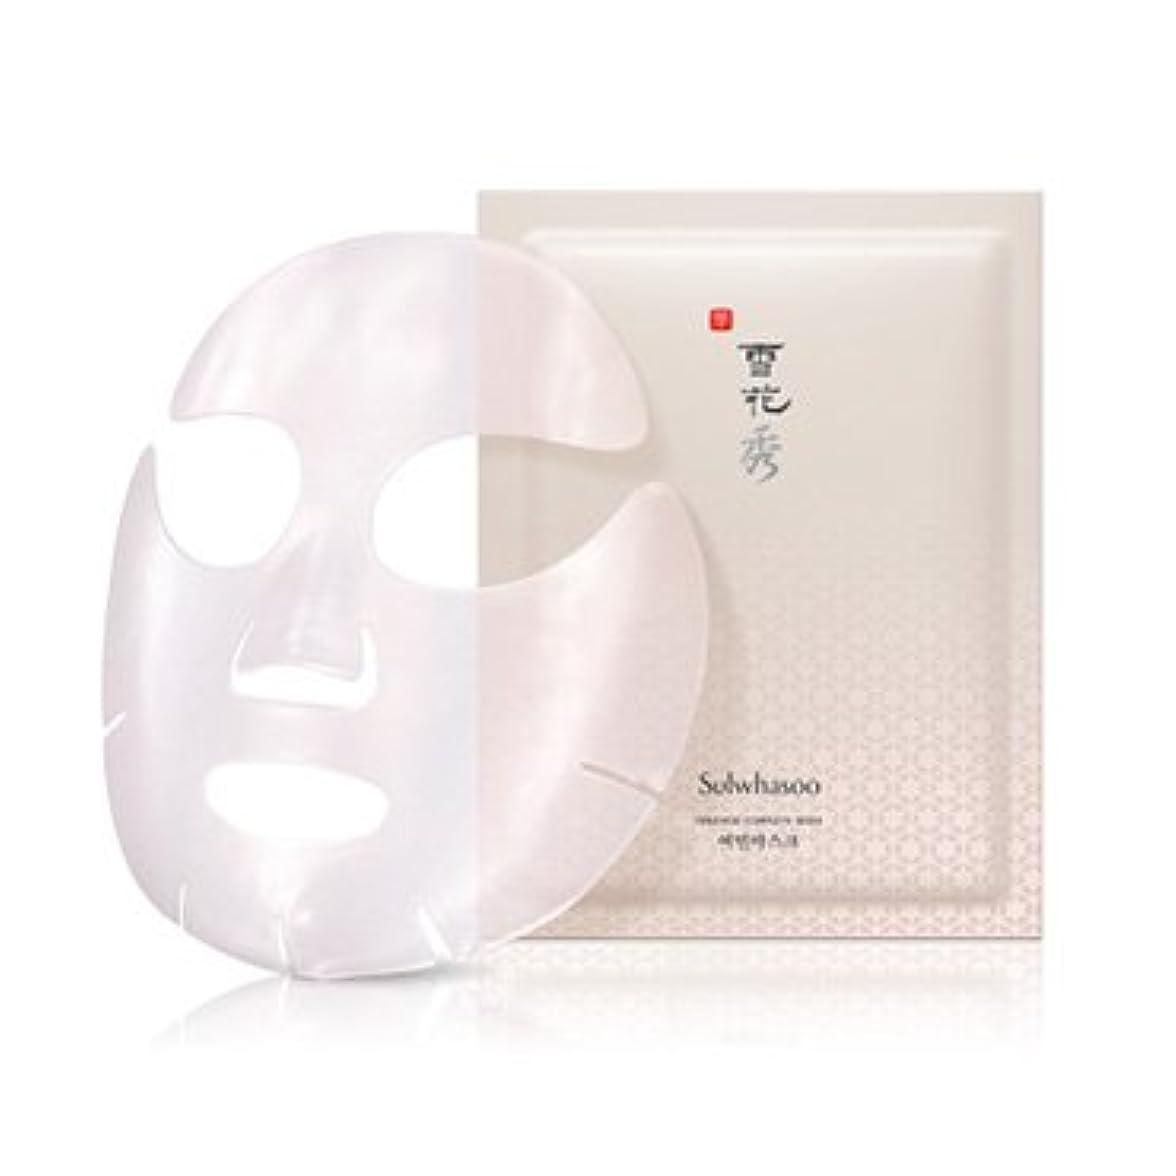 改善終了するこどもの日雪花秀(ソルファス)ヨミンマスク(Innerise Complete Mask)5枚入